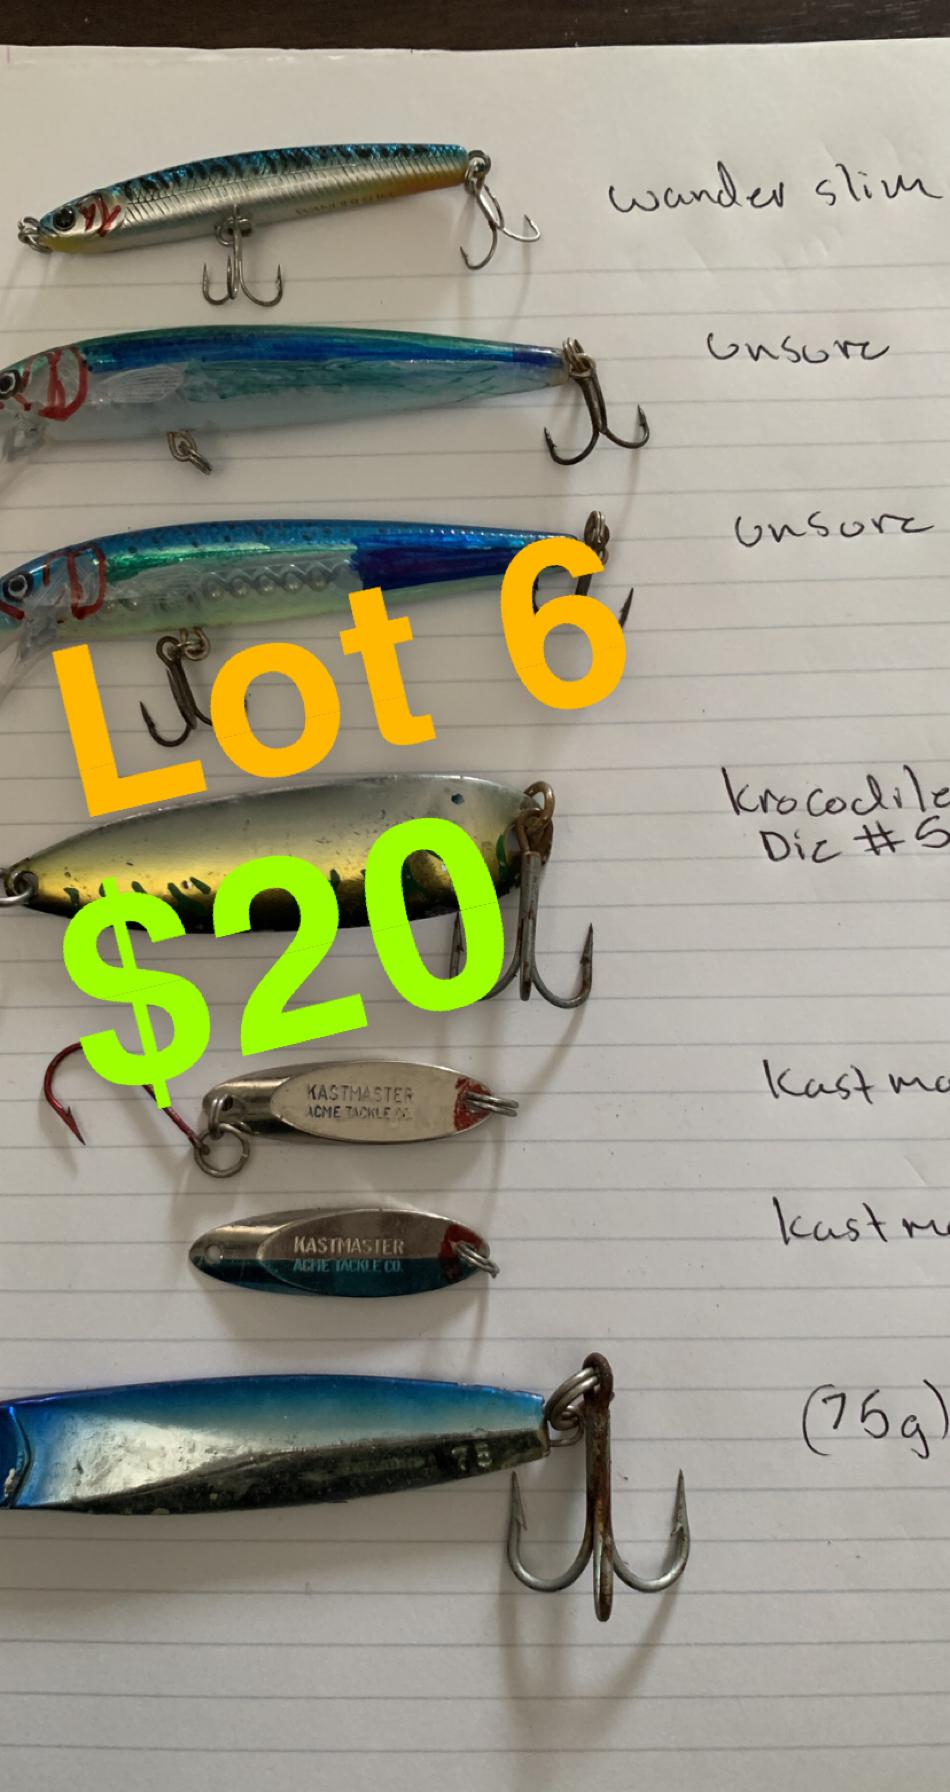 93D973E1-38FD-439D-B560-664A375DF265.jpeg